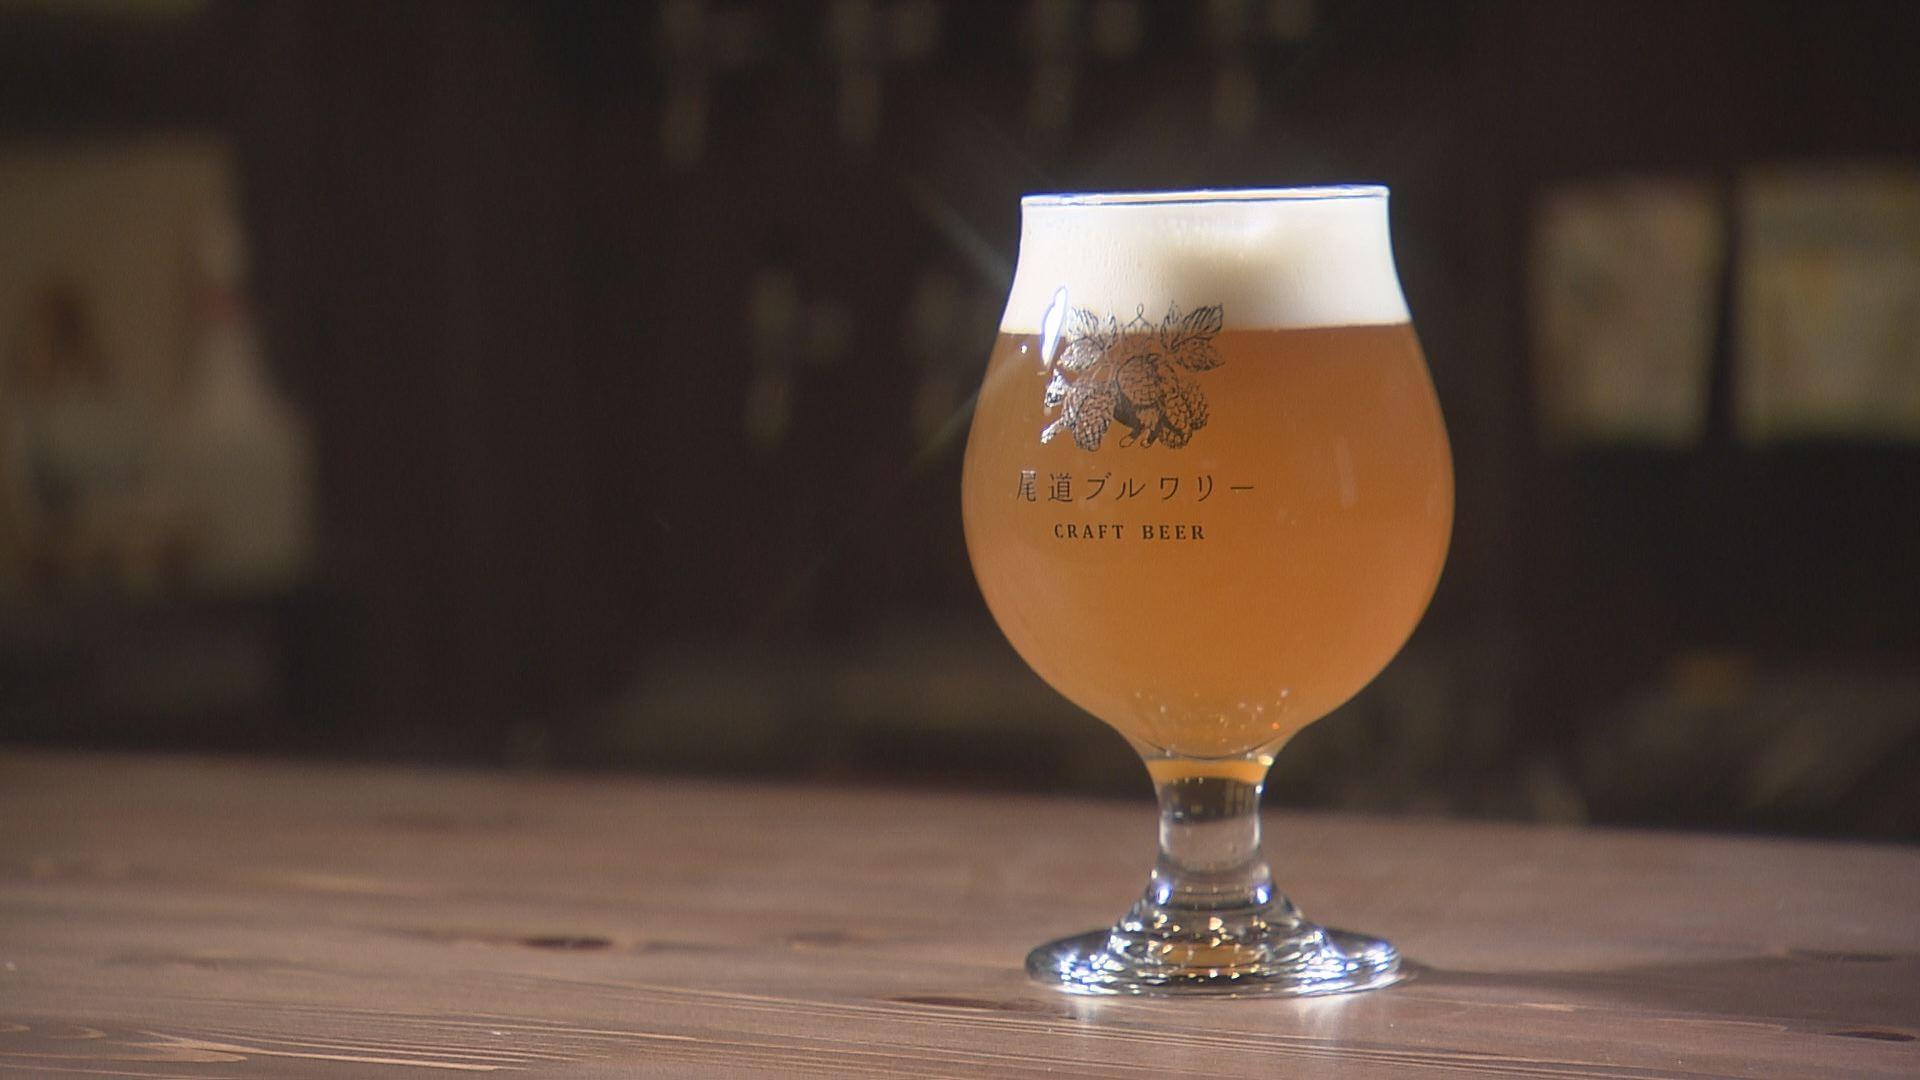 ブルワリービール